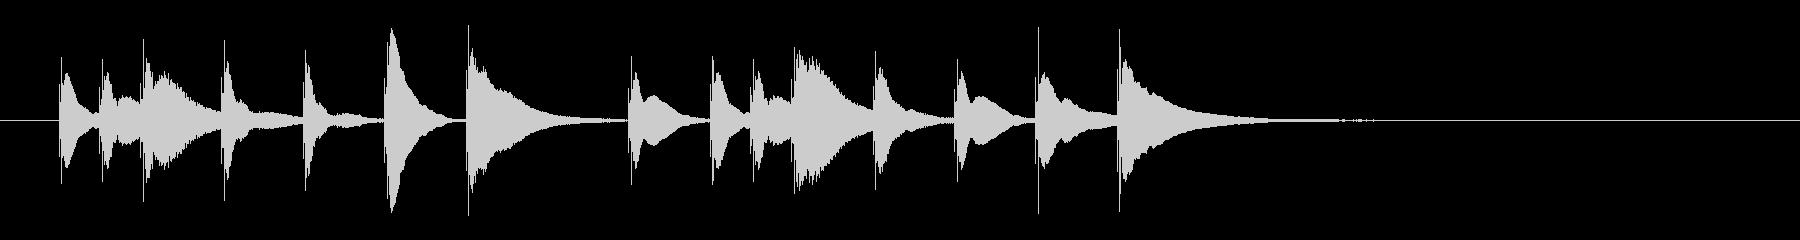 明るく可愛らしい木琴のジングル4の未再生の波形